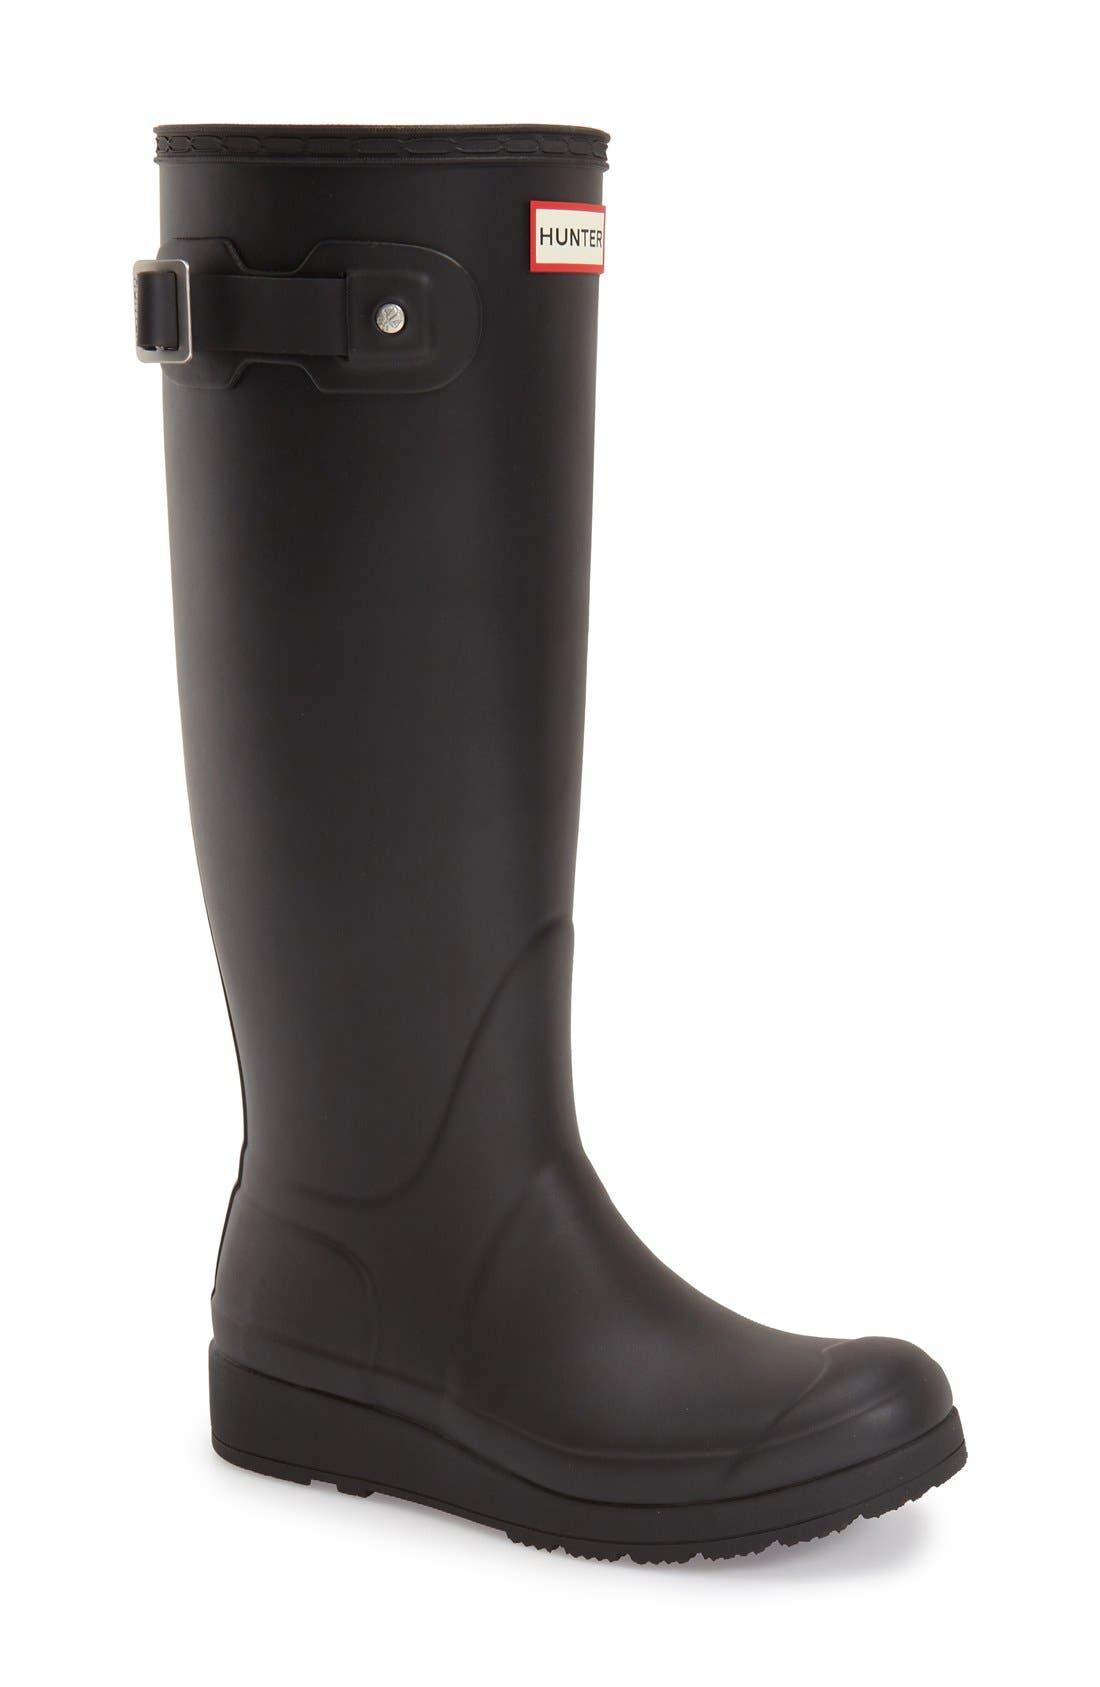 Main Image - Hunter 'Original Tall- Wedge' Rain Boot (Women)